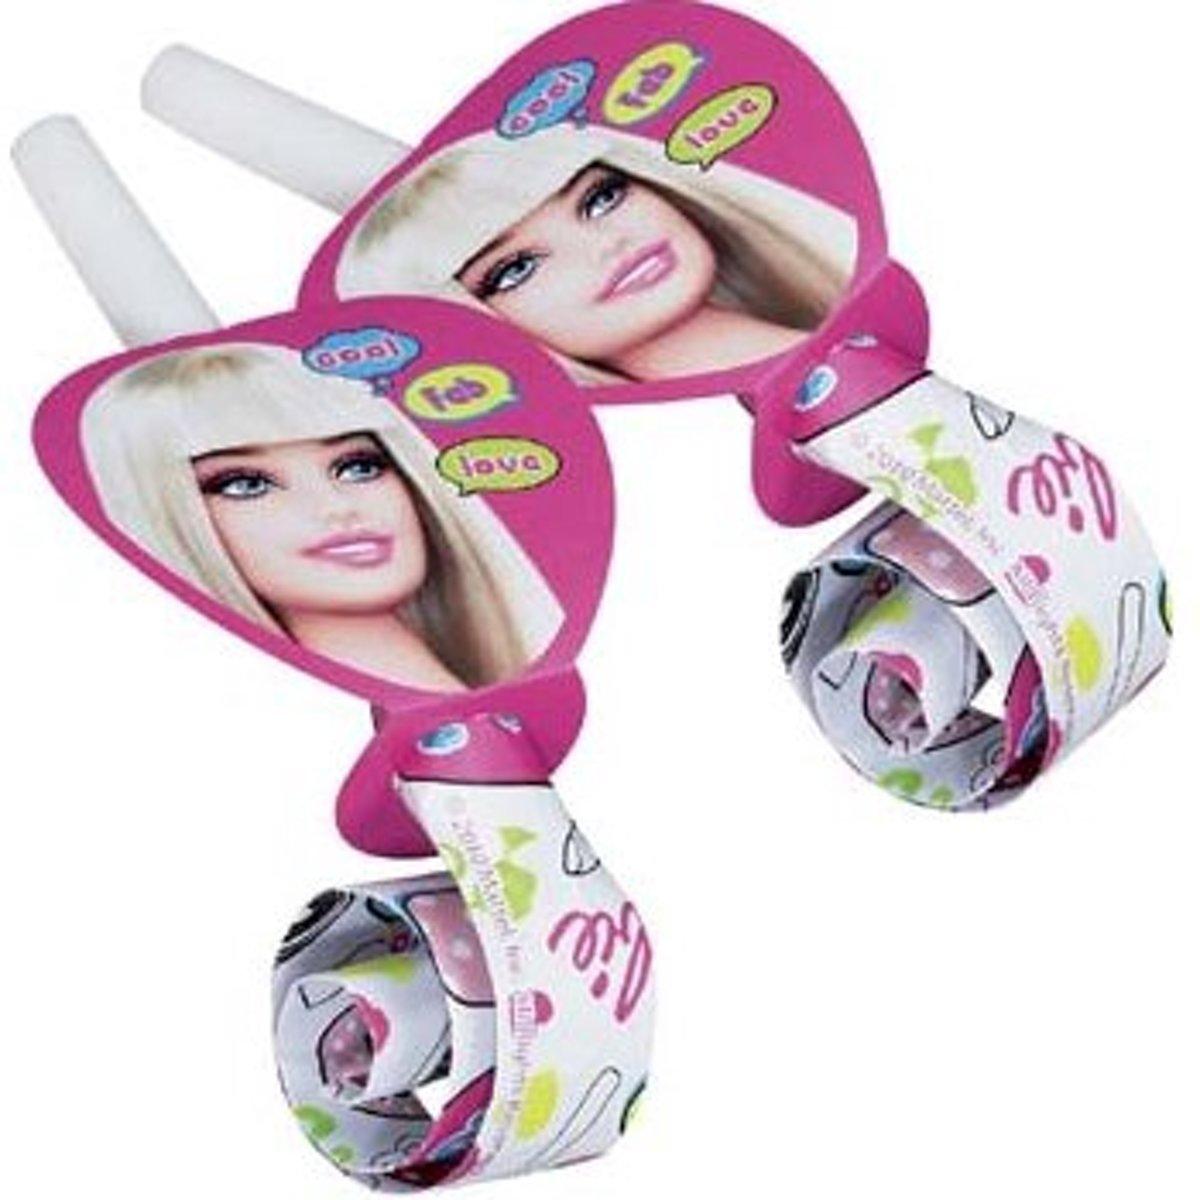 2x 6 roltongen - Barbie - uitblazers